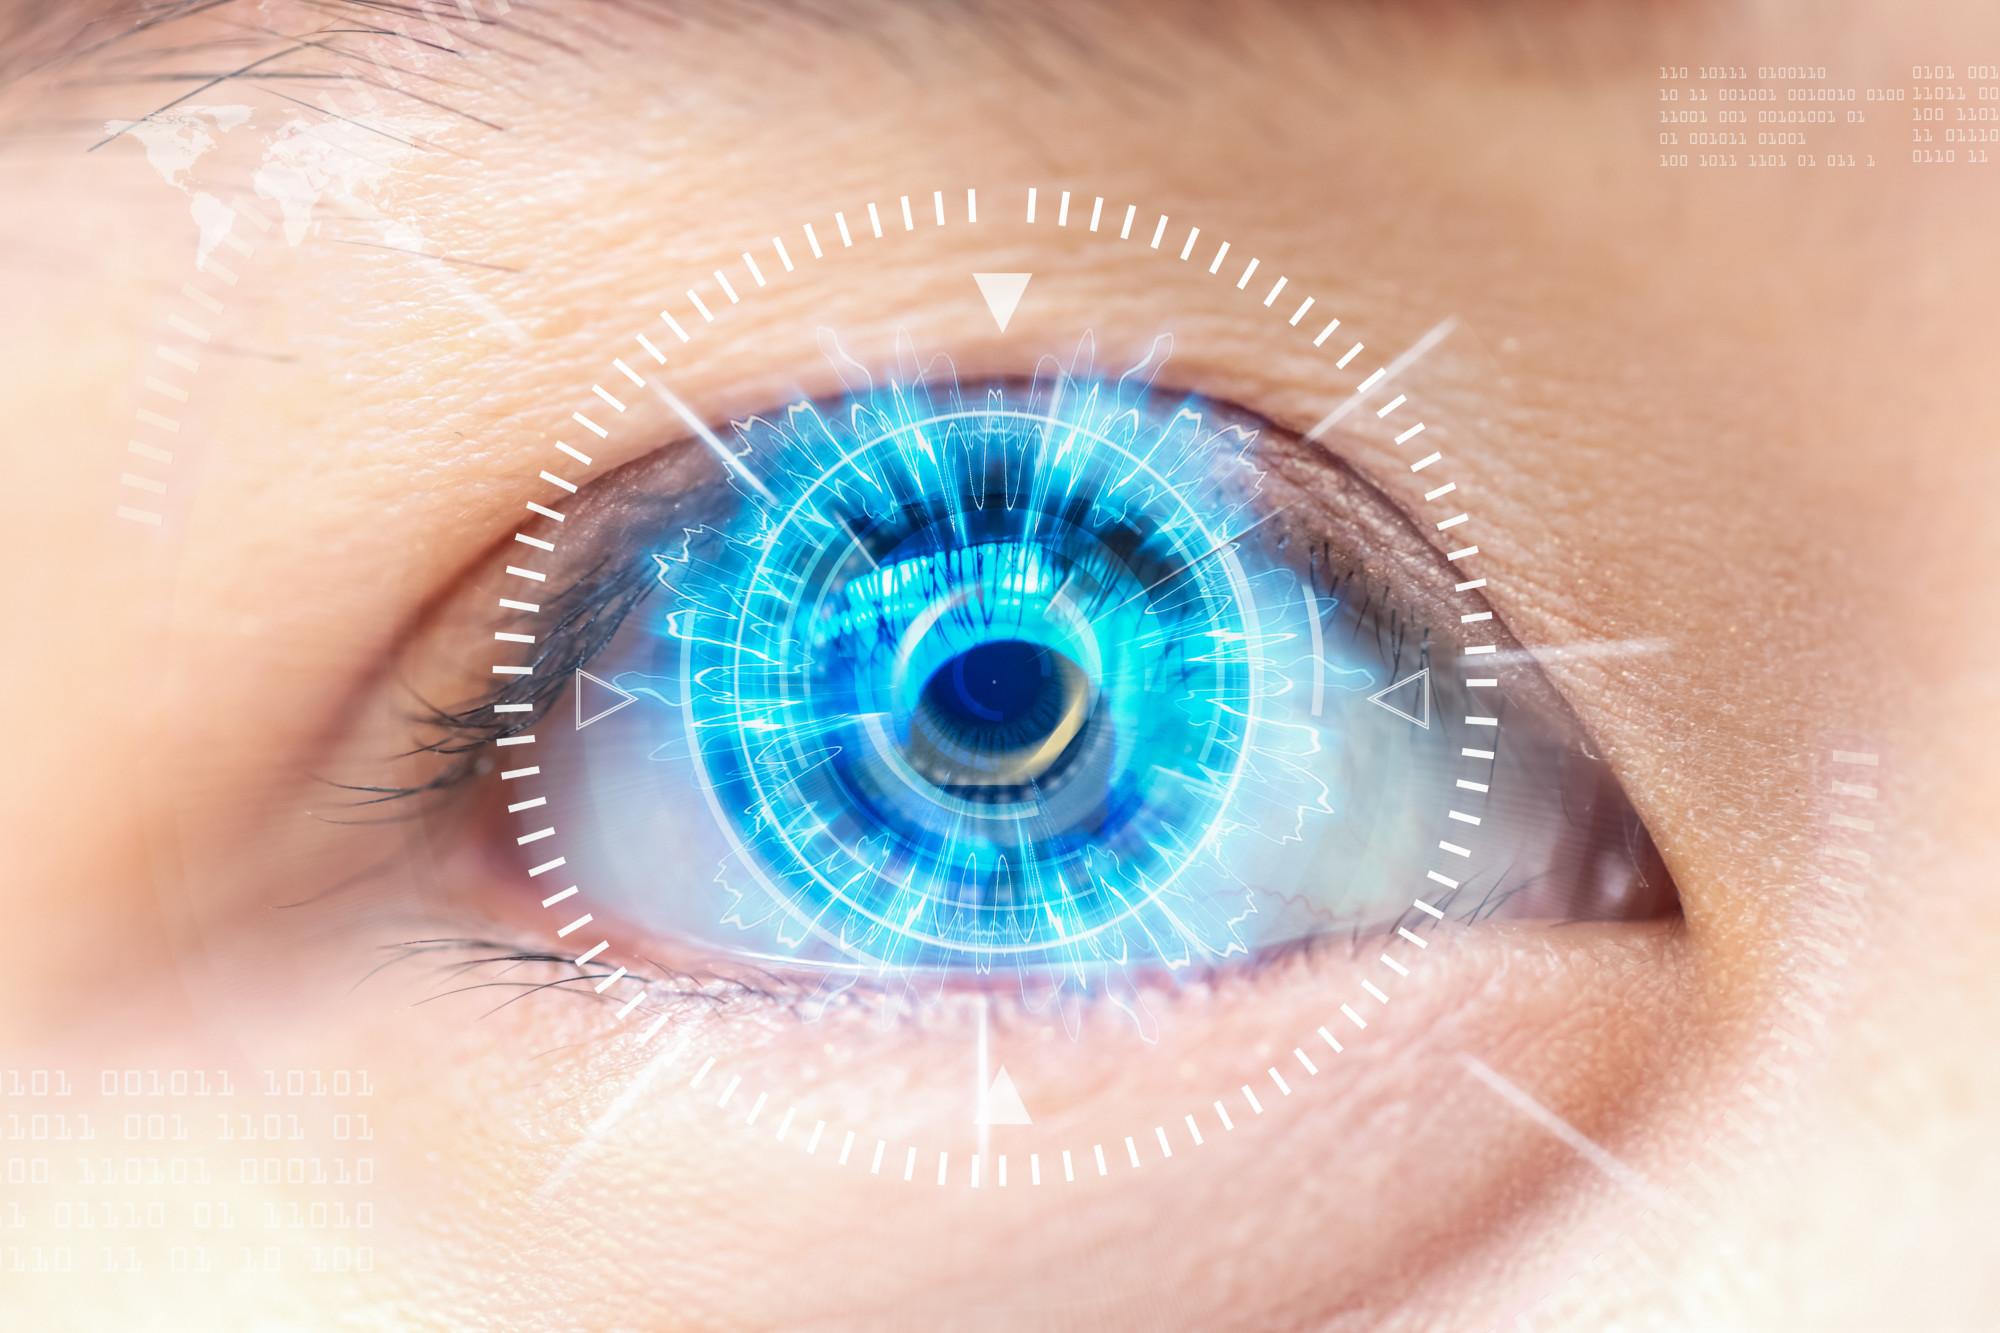 hogyan lehetne javítani a látást 13 évesen a slusszolás befolyásolja a látást